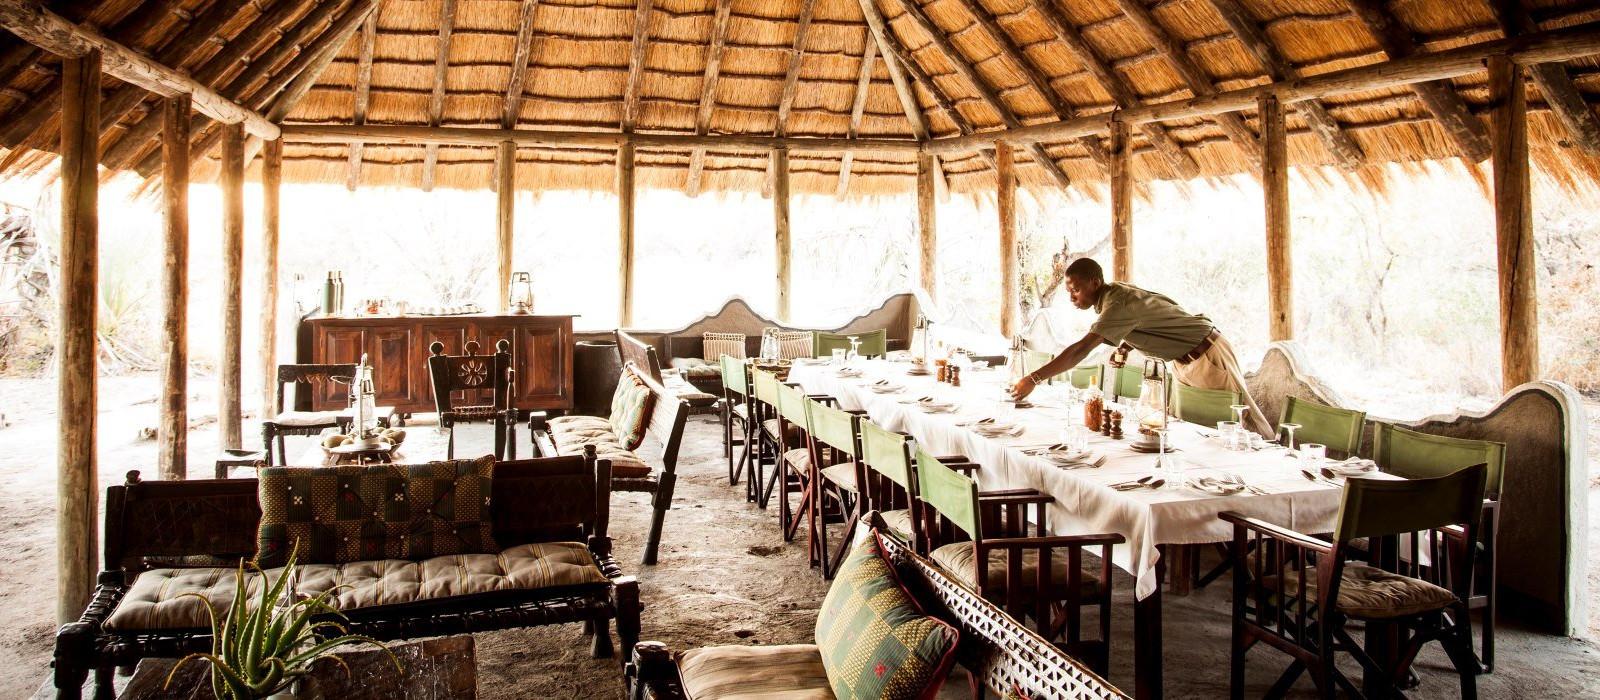 Hotel Camp Kalahari Botswana